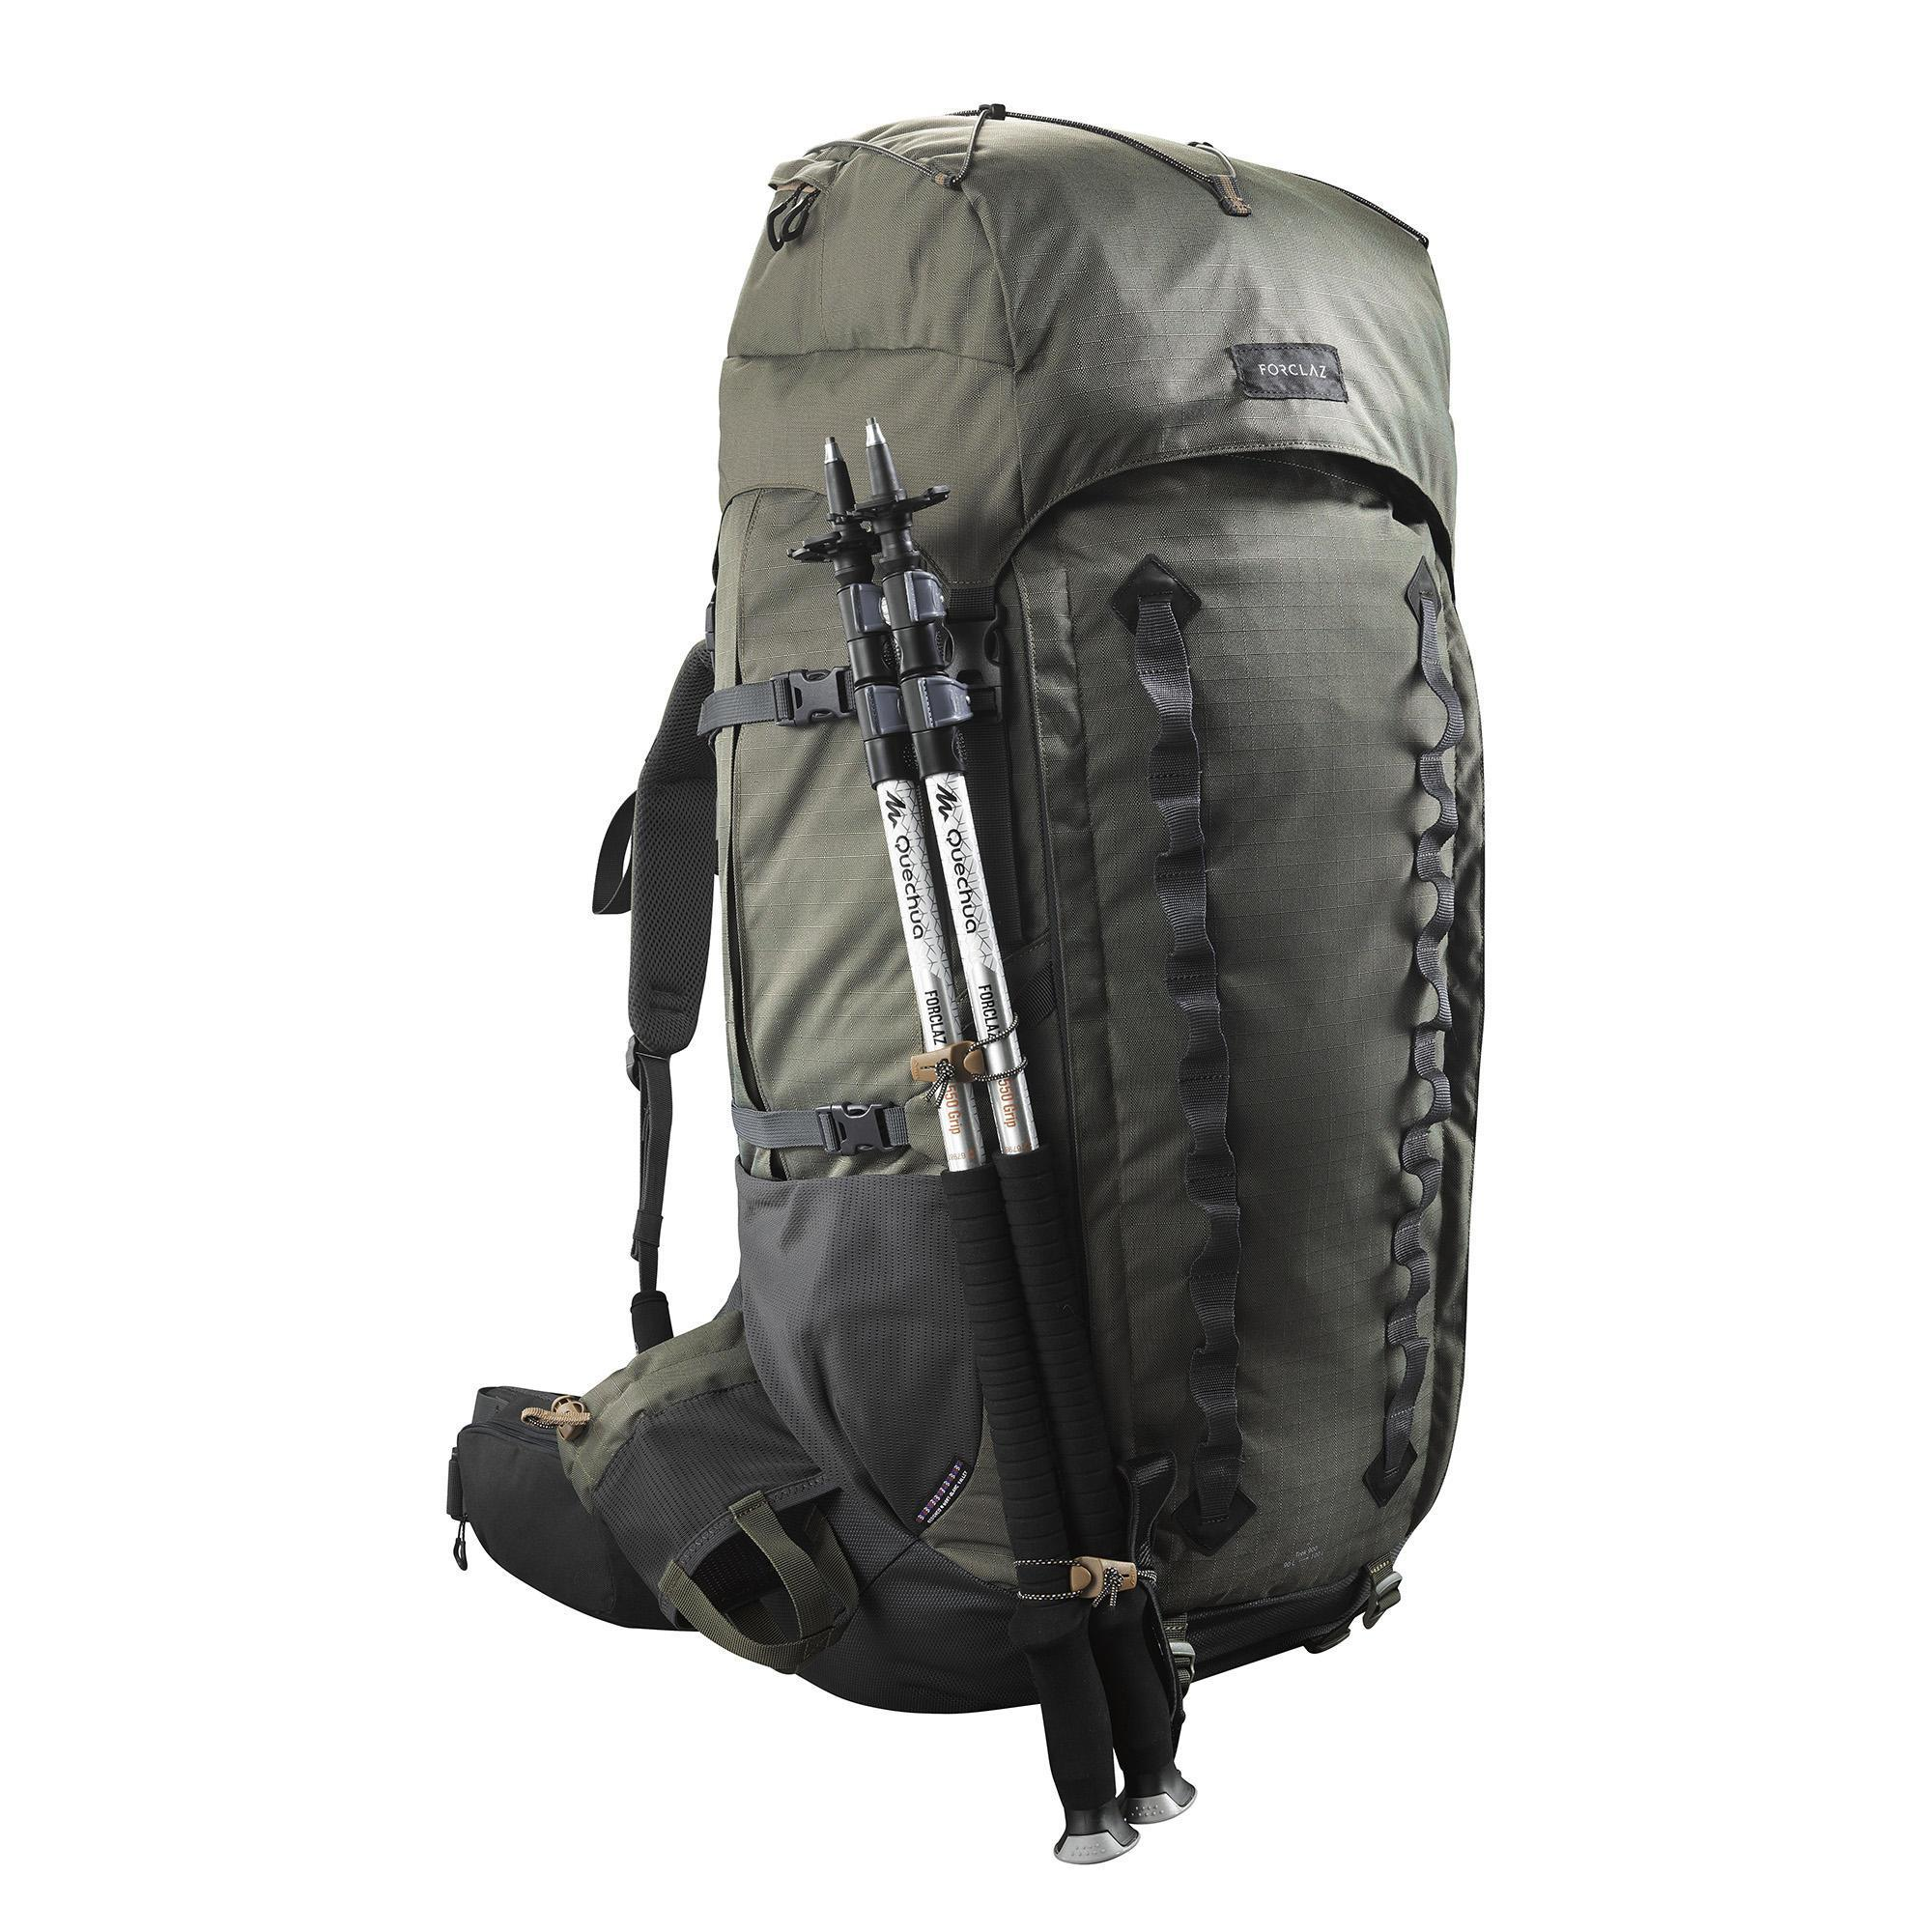 91c4e93c3ee Forclaz Rugzak voor bergtrekkings Trek 900 90+10 liter Symbium heren kaki |  Decathlon